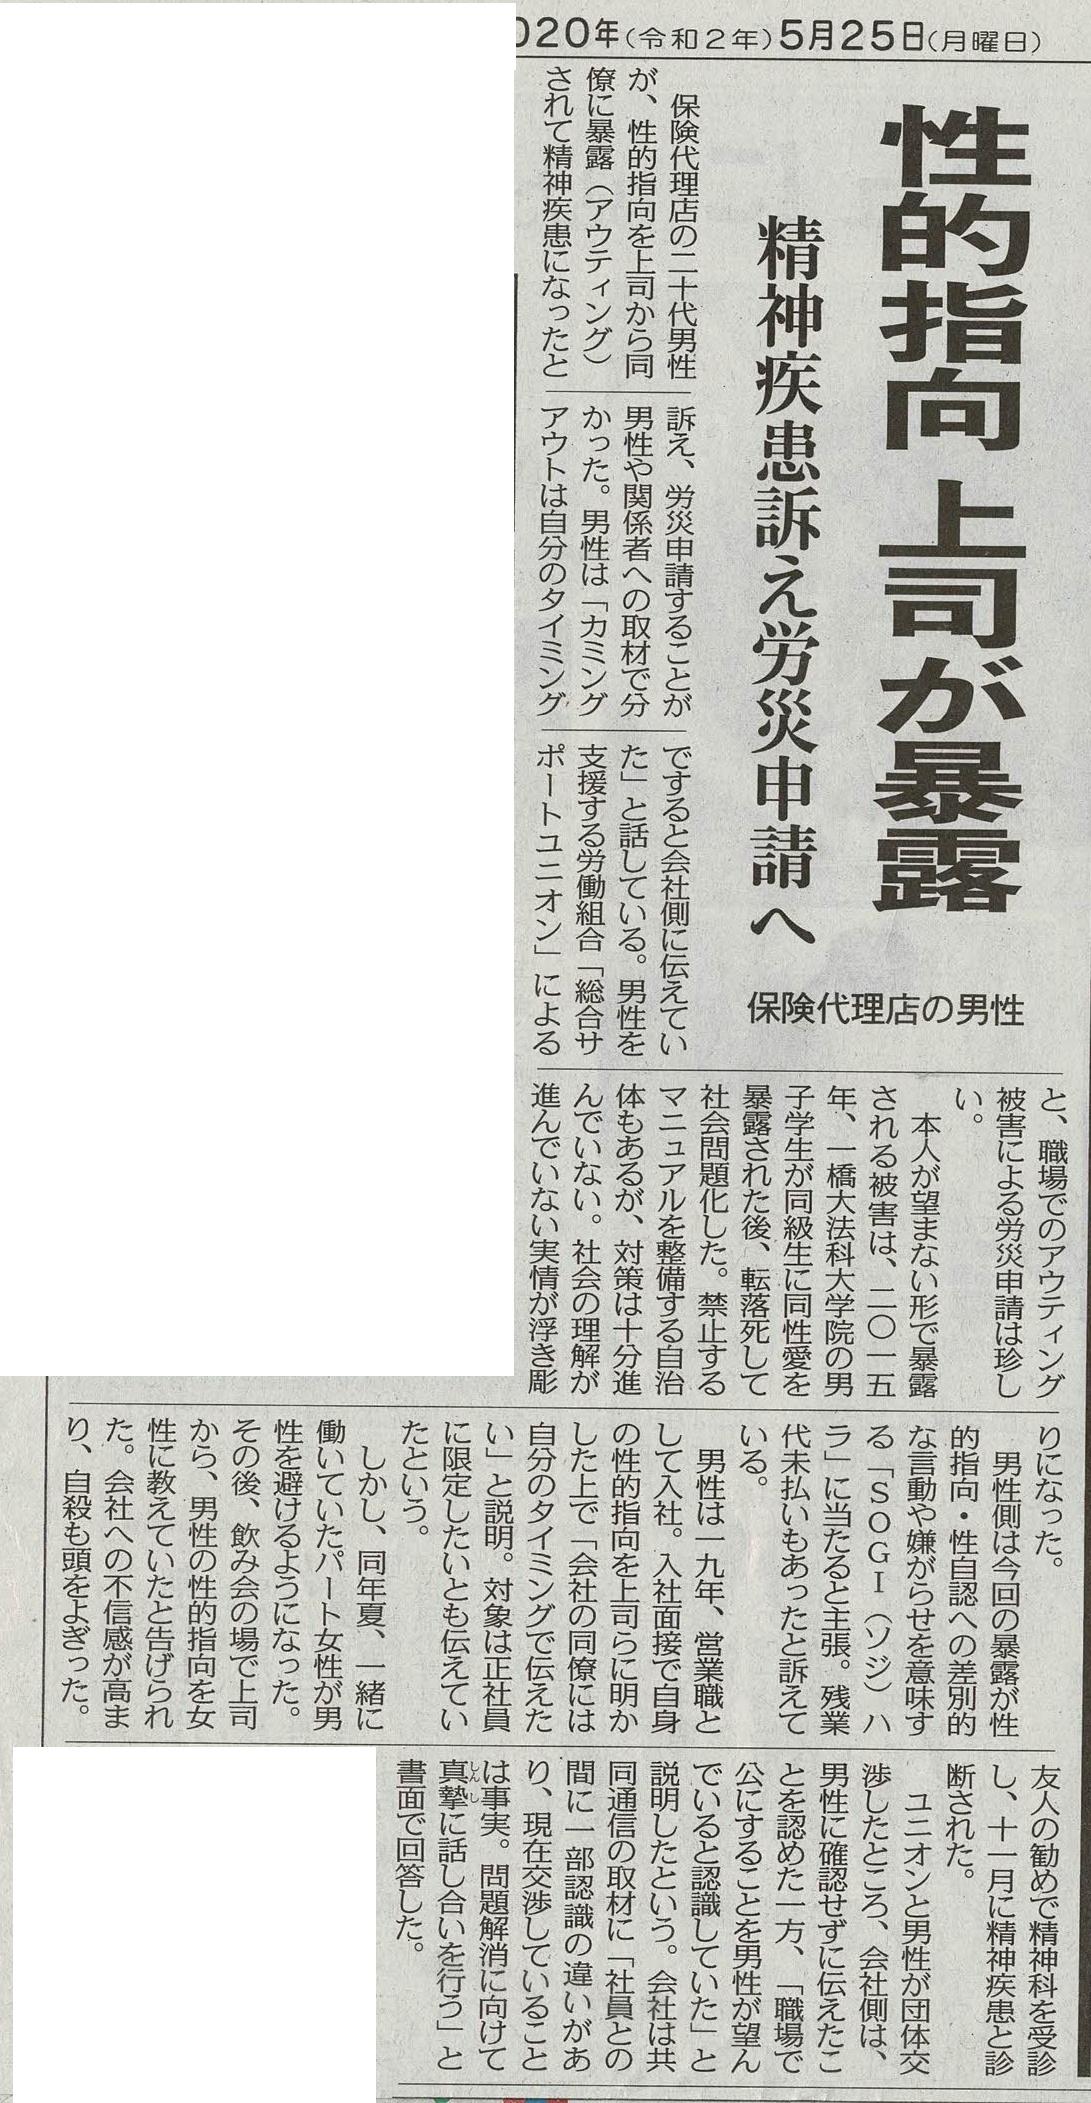 「6月11日新宿区議会 第二回定例会 一般質問 登壇します。」